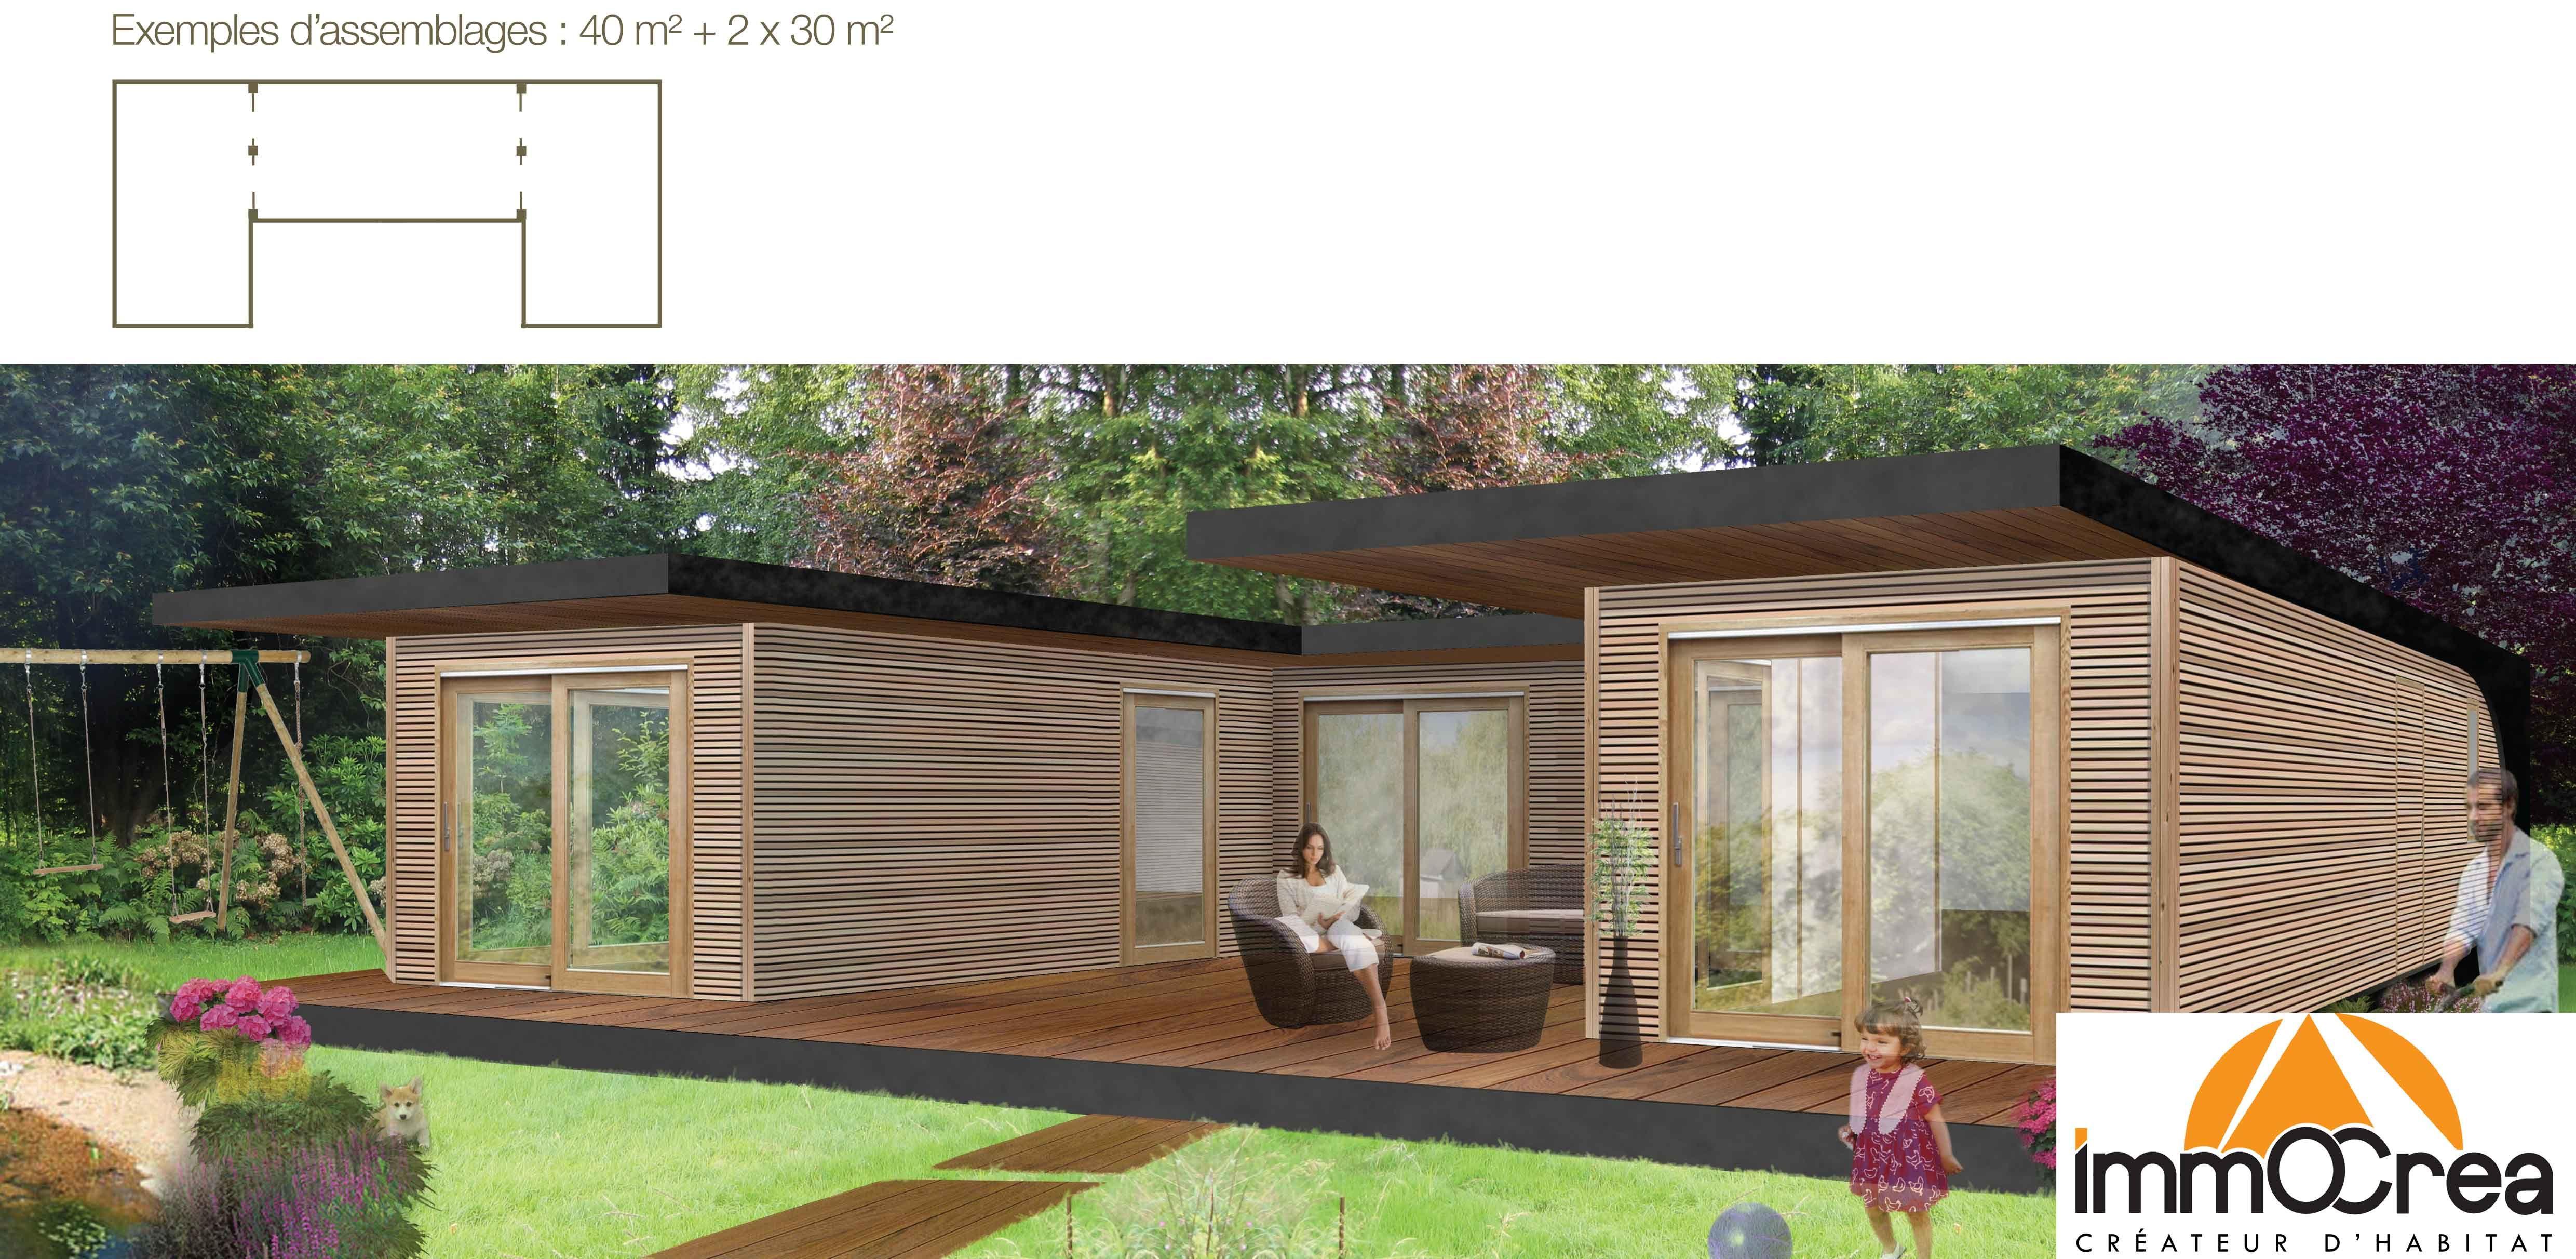 Maisons Ossature bois Immocréa Constructeur de Maisons Individuelles